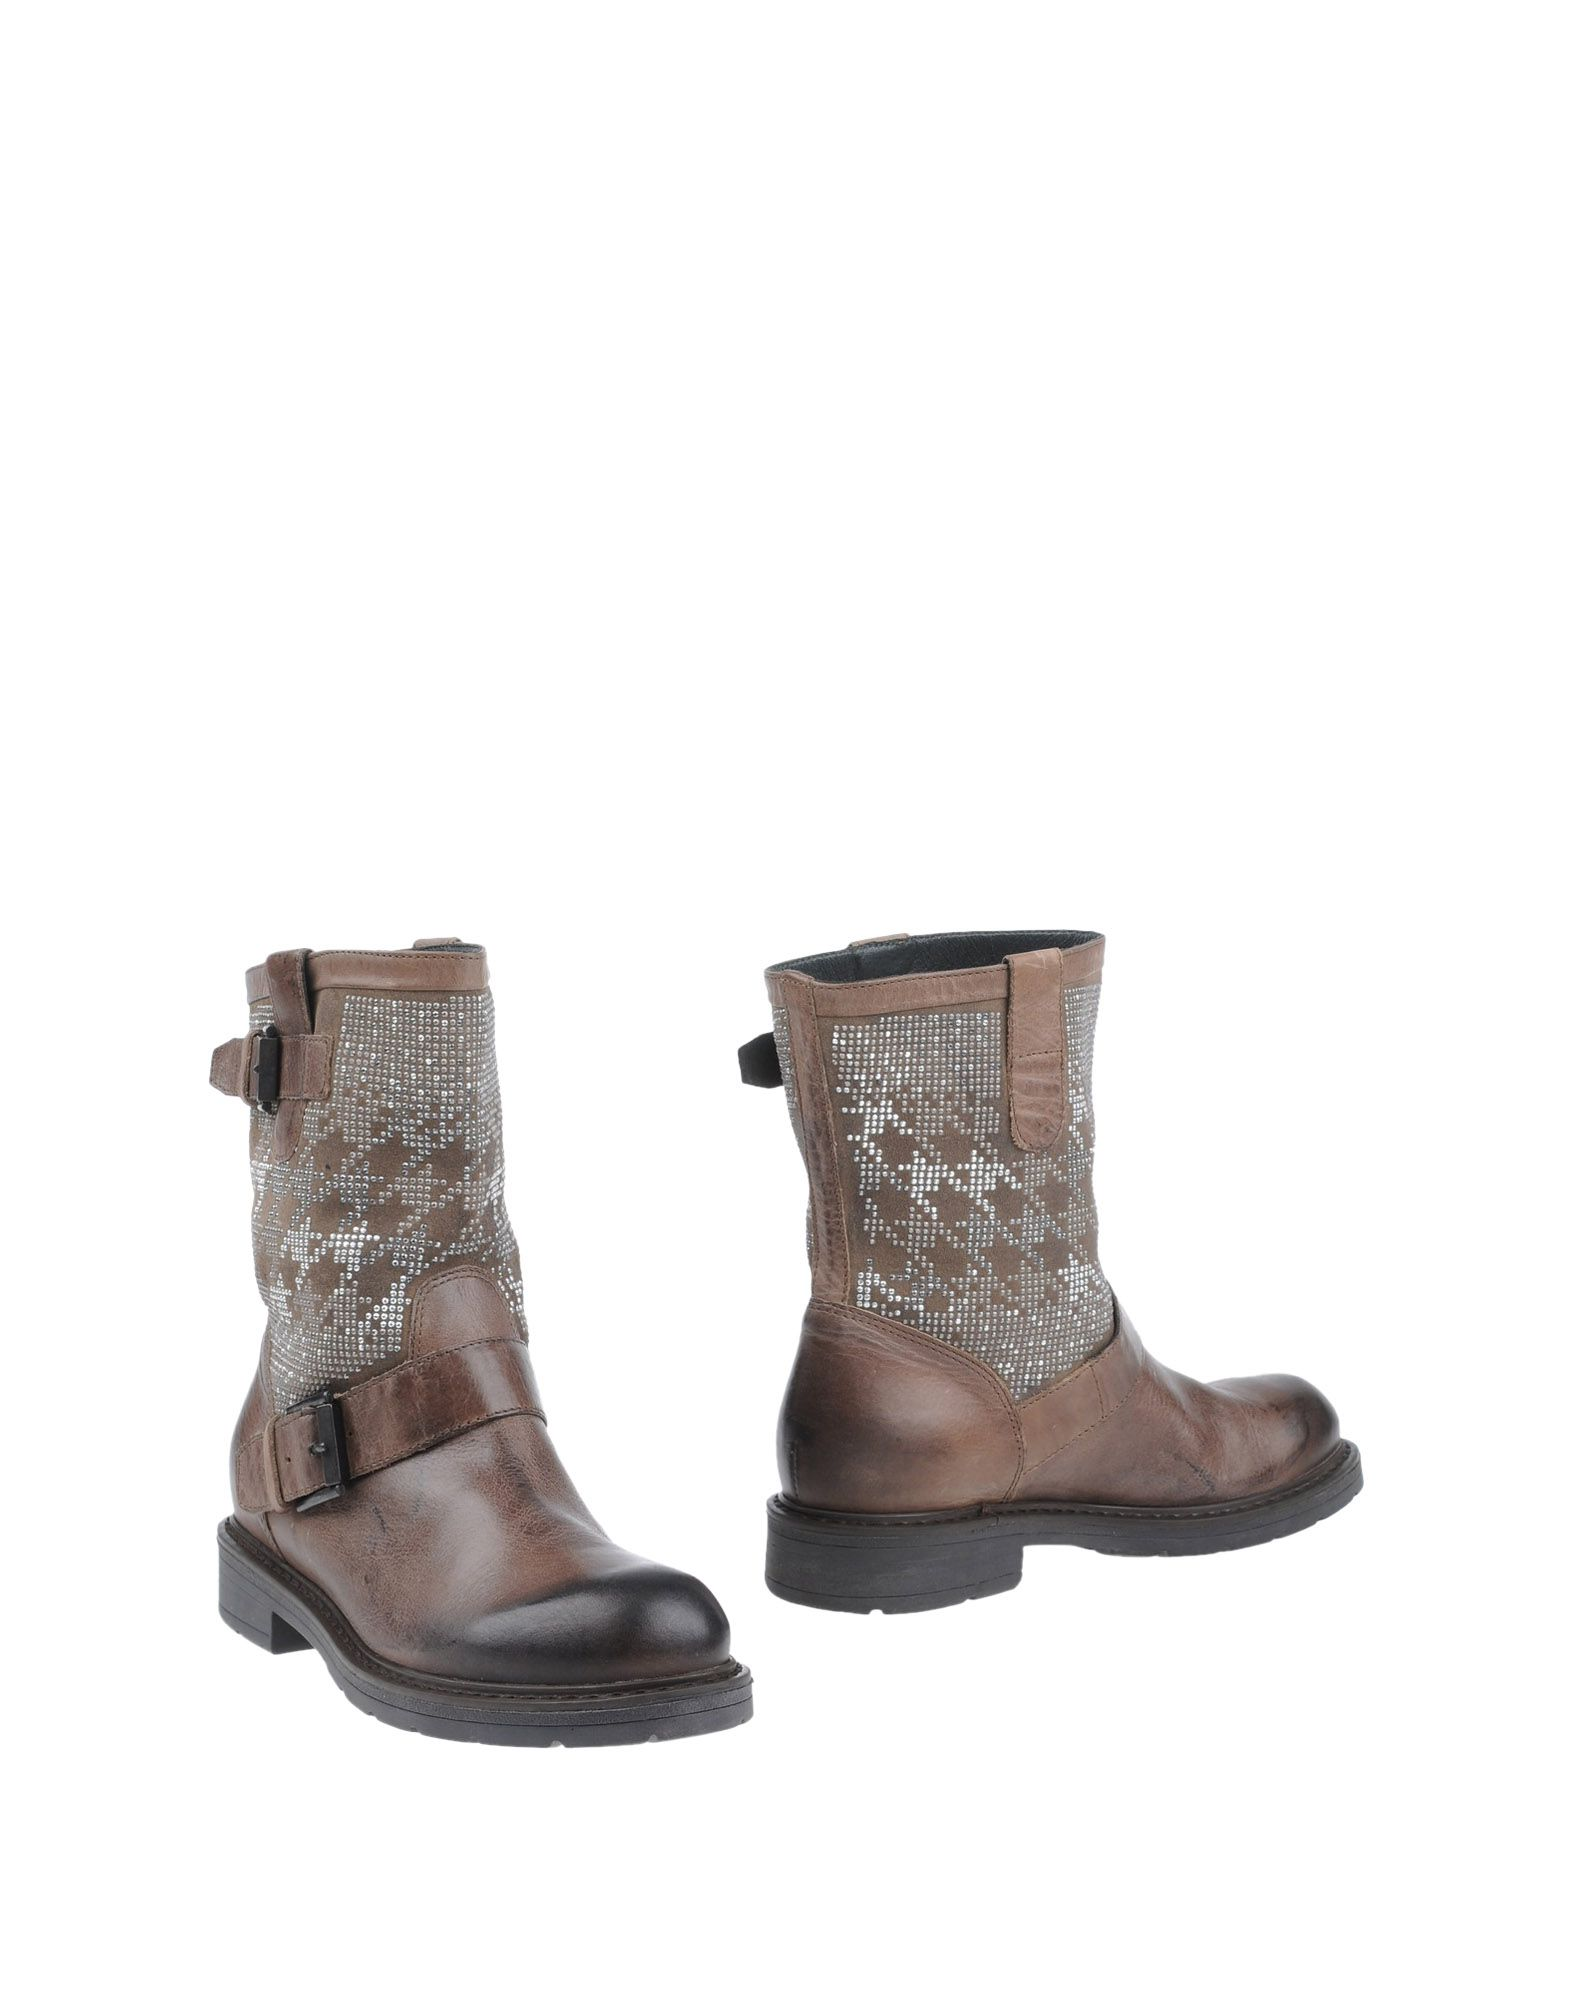 Janet Sport Stiefelette Damen  11310887DK Gute Qualität beliebte Schuhe